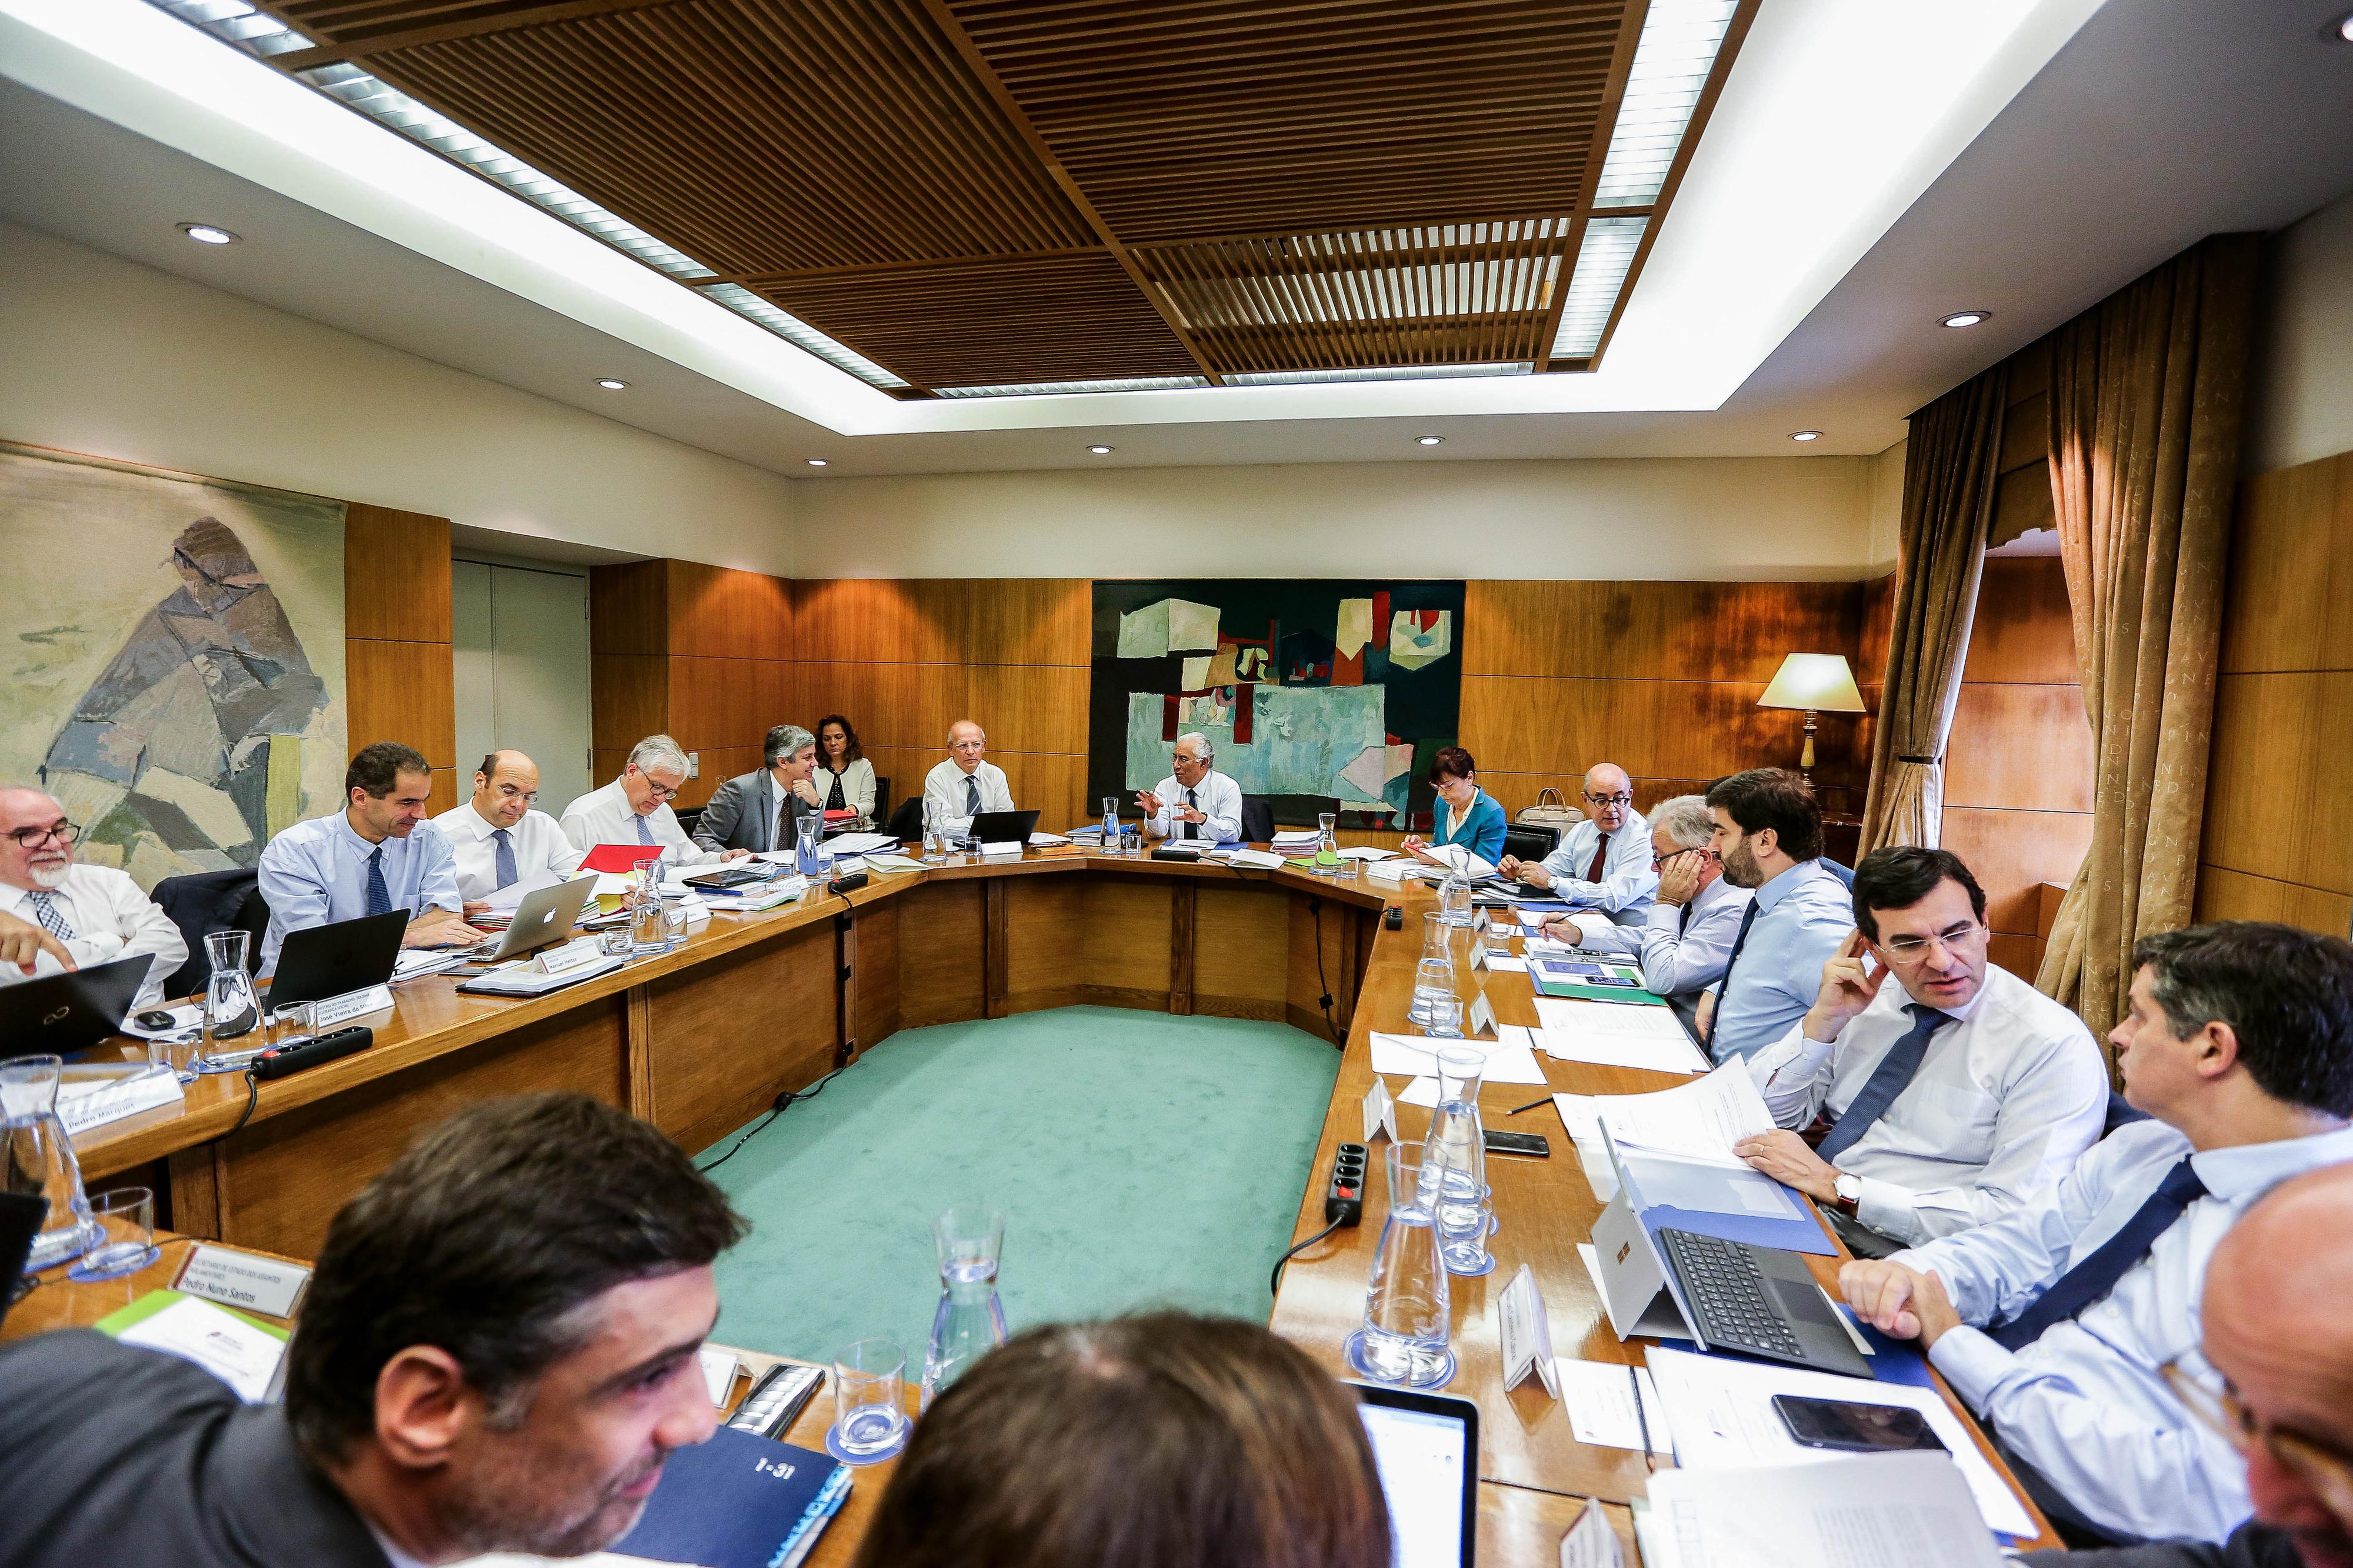 Governo avança com verba até 13 milhões de euros para apoiar pagamento de salários